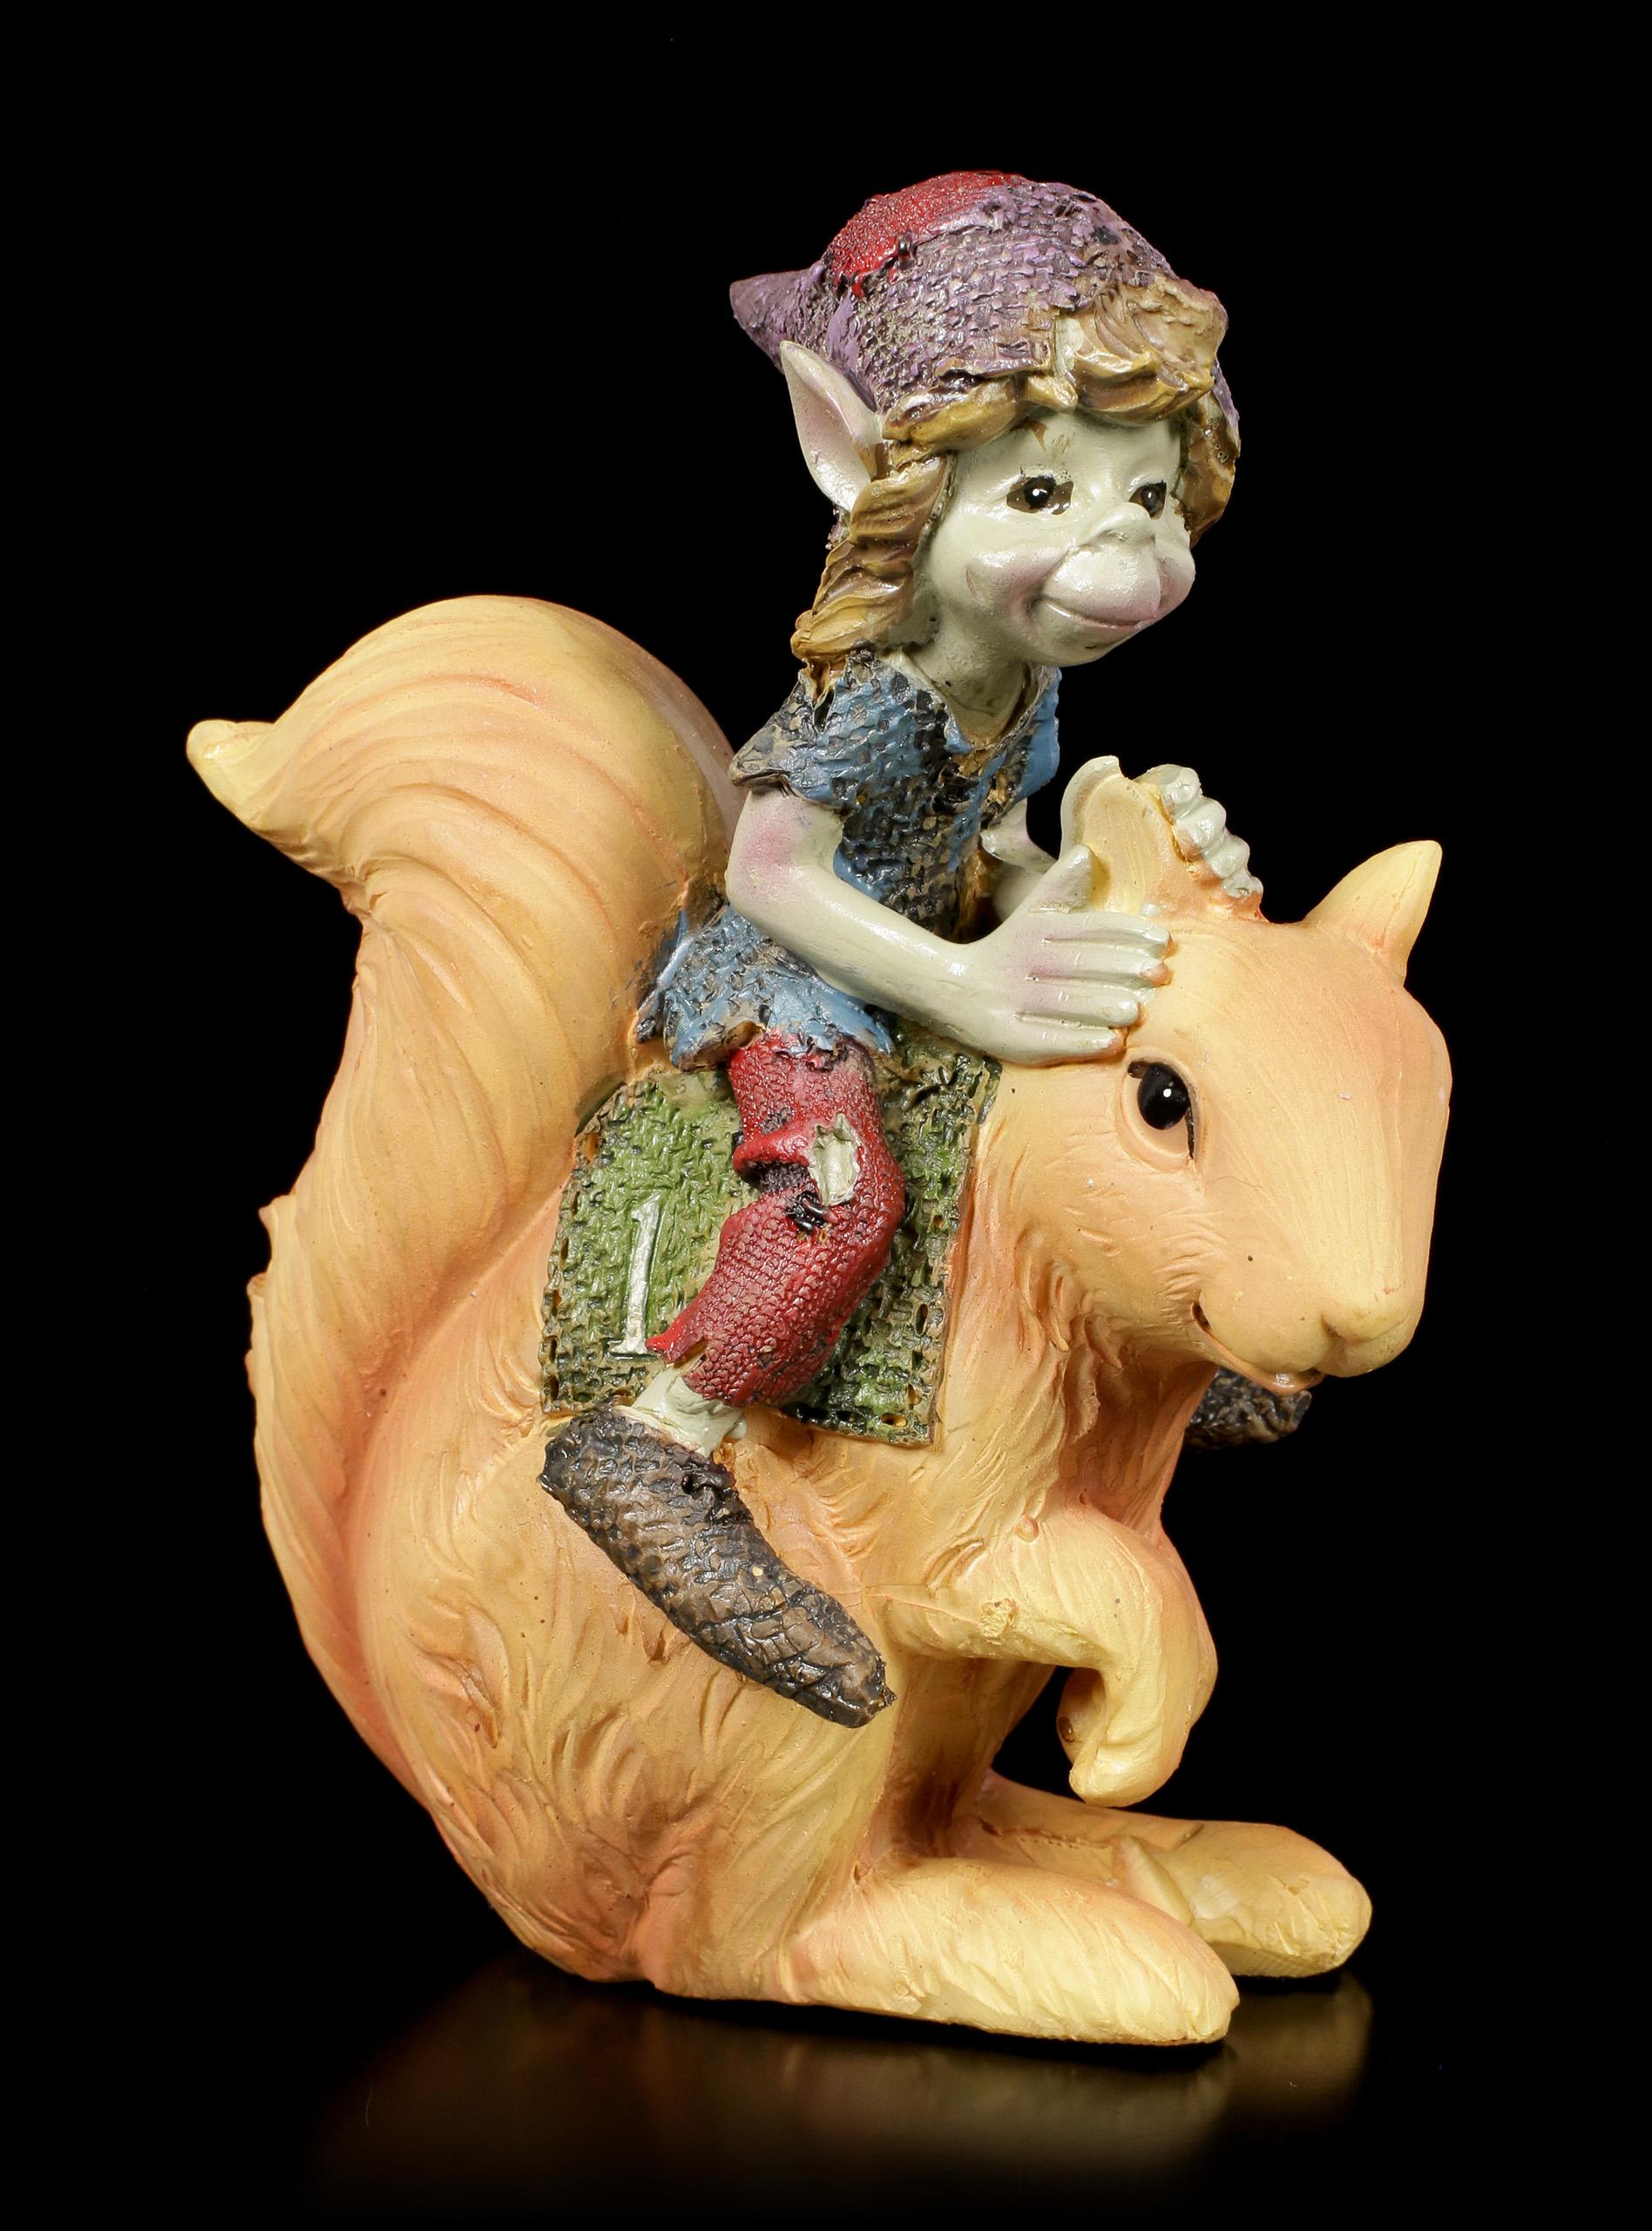 Pixies Pixie Figurines buy online cheap wwwfiguren